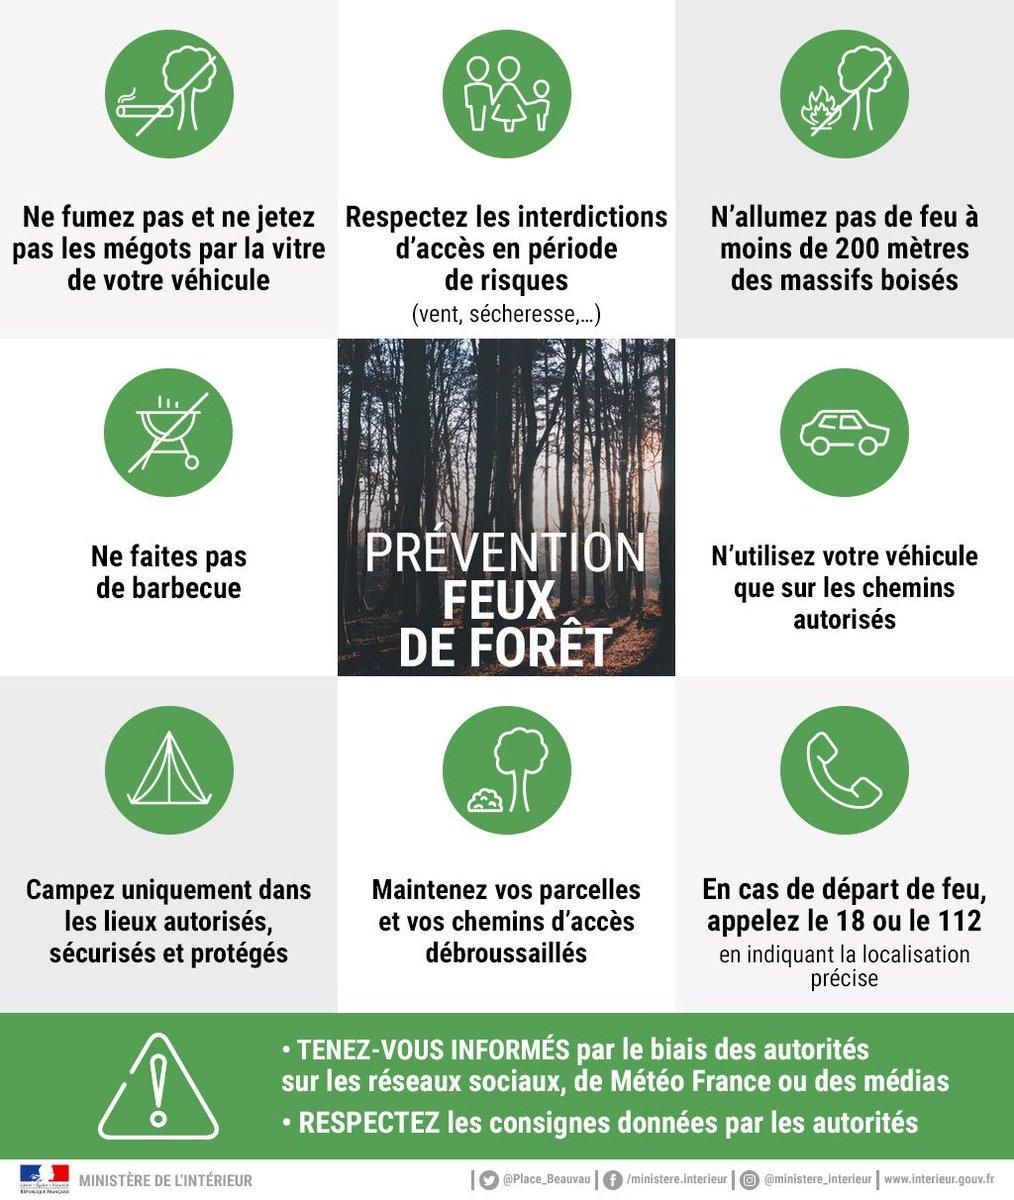 🌲🔥 Lutte contre le #feuxs  de forêt : la prévention est l'affaire de tous ! Suivez nos conseils et signalez tout départ de feu en appelant le 1⃣8⃣ ou le 1⃣1⃣2⃣